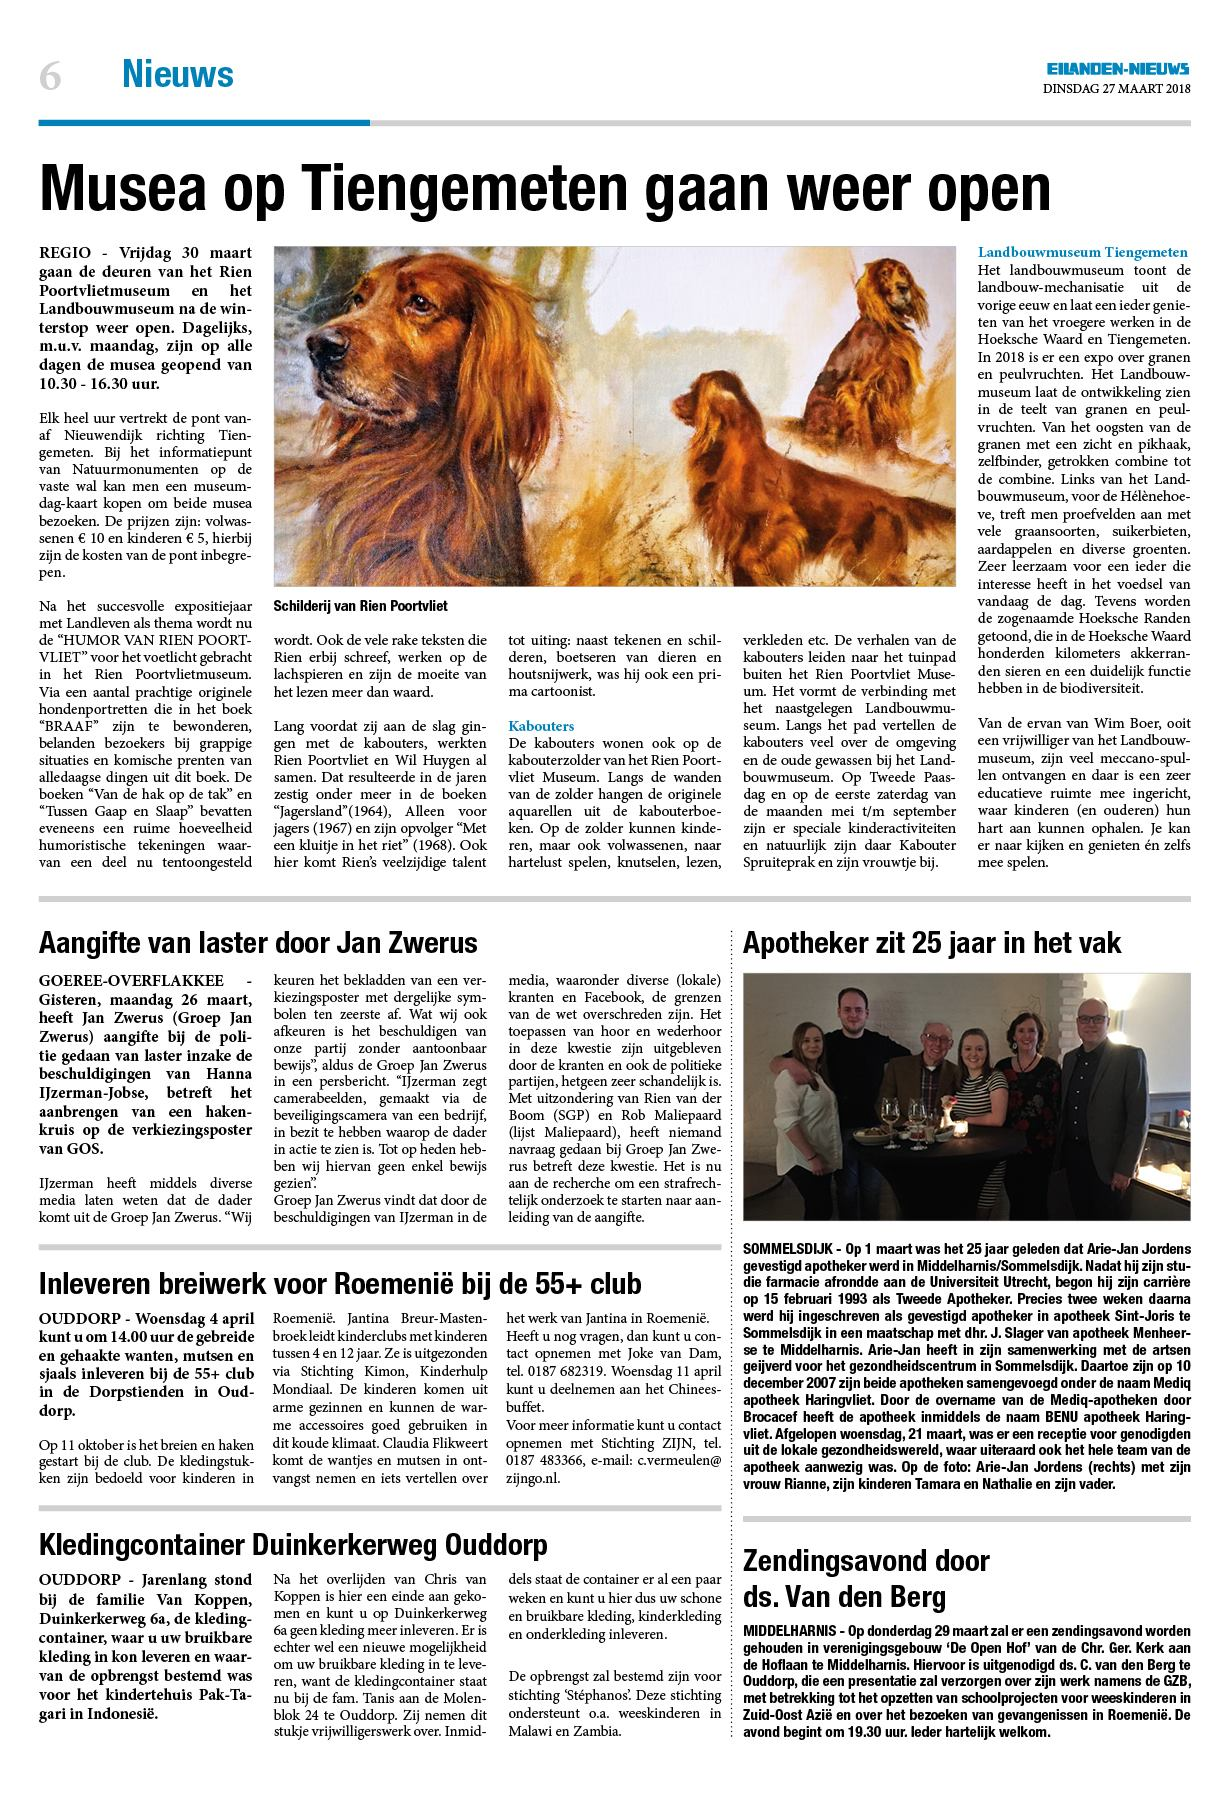 Dinsdag Eilanden Nieuws 27 Maart 2018